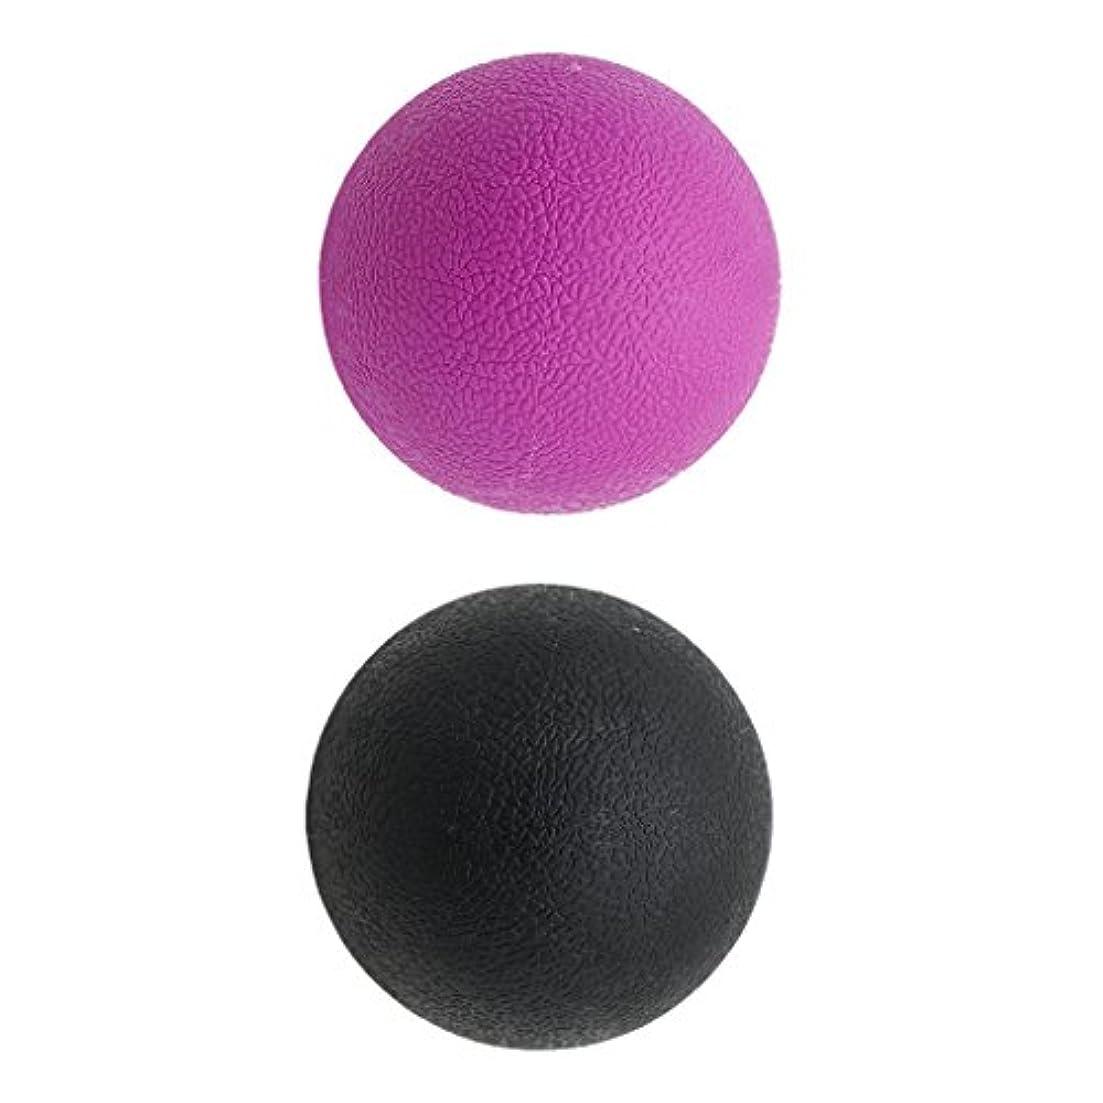 留まるカストディアン熱2個 マッサージボール ラクロスボール 背部 トリガ ポイント マッサージ 多色選べる - ブラックパープル